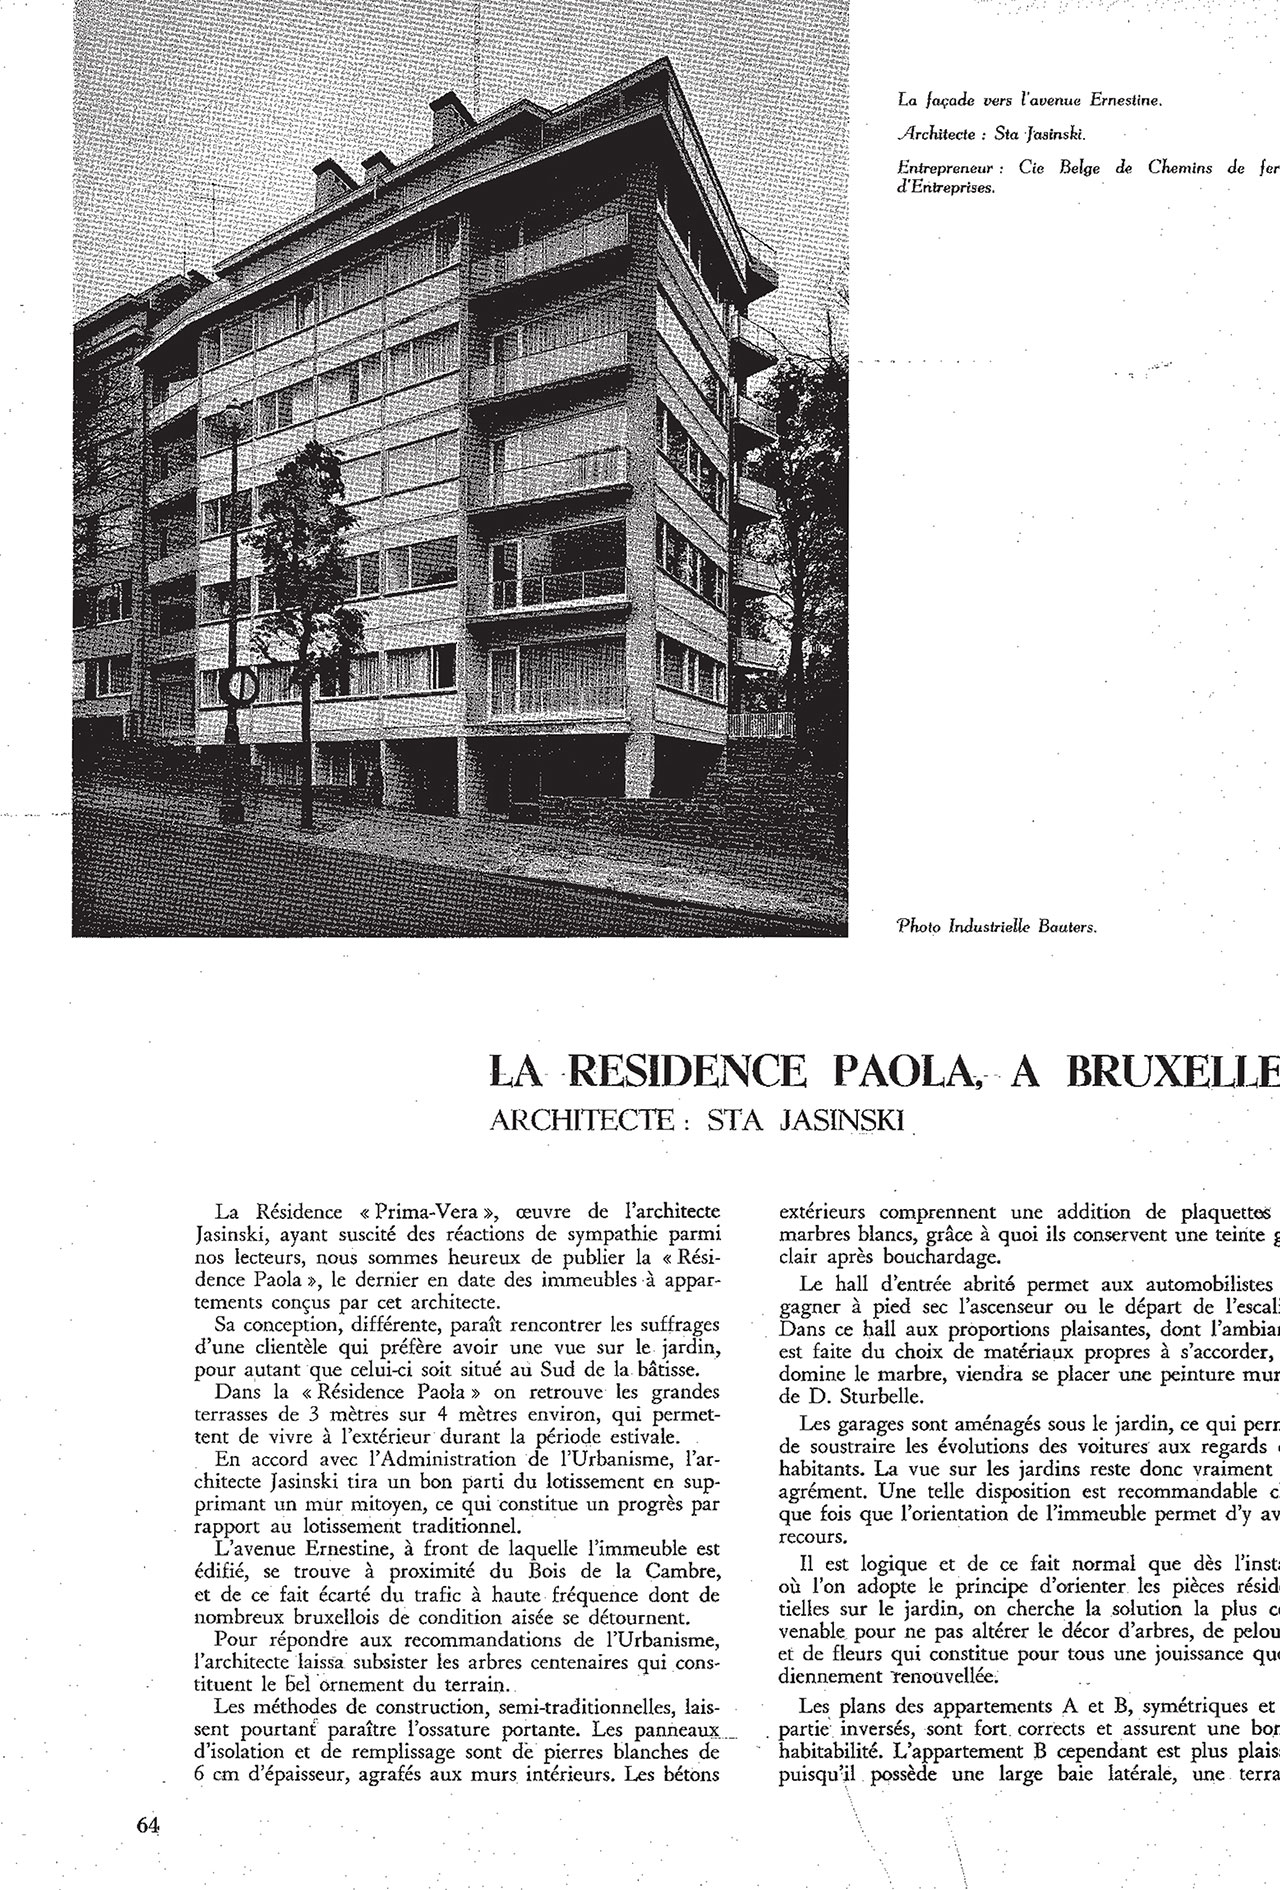 La Résidence Paola, à Bruxelles